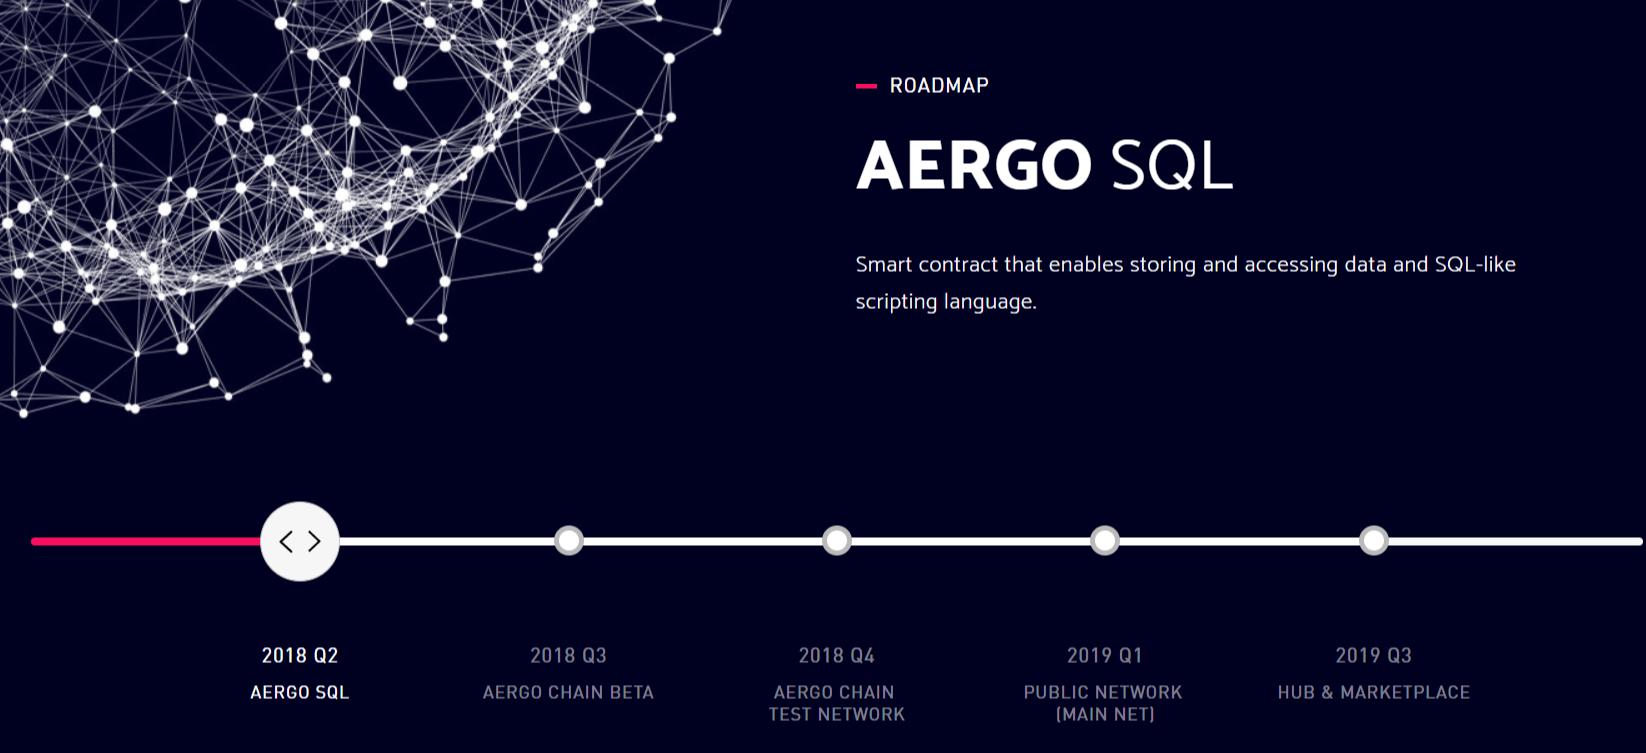 AergoSQL